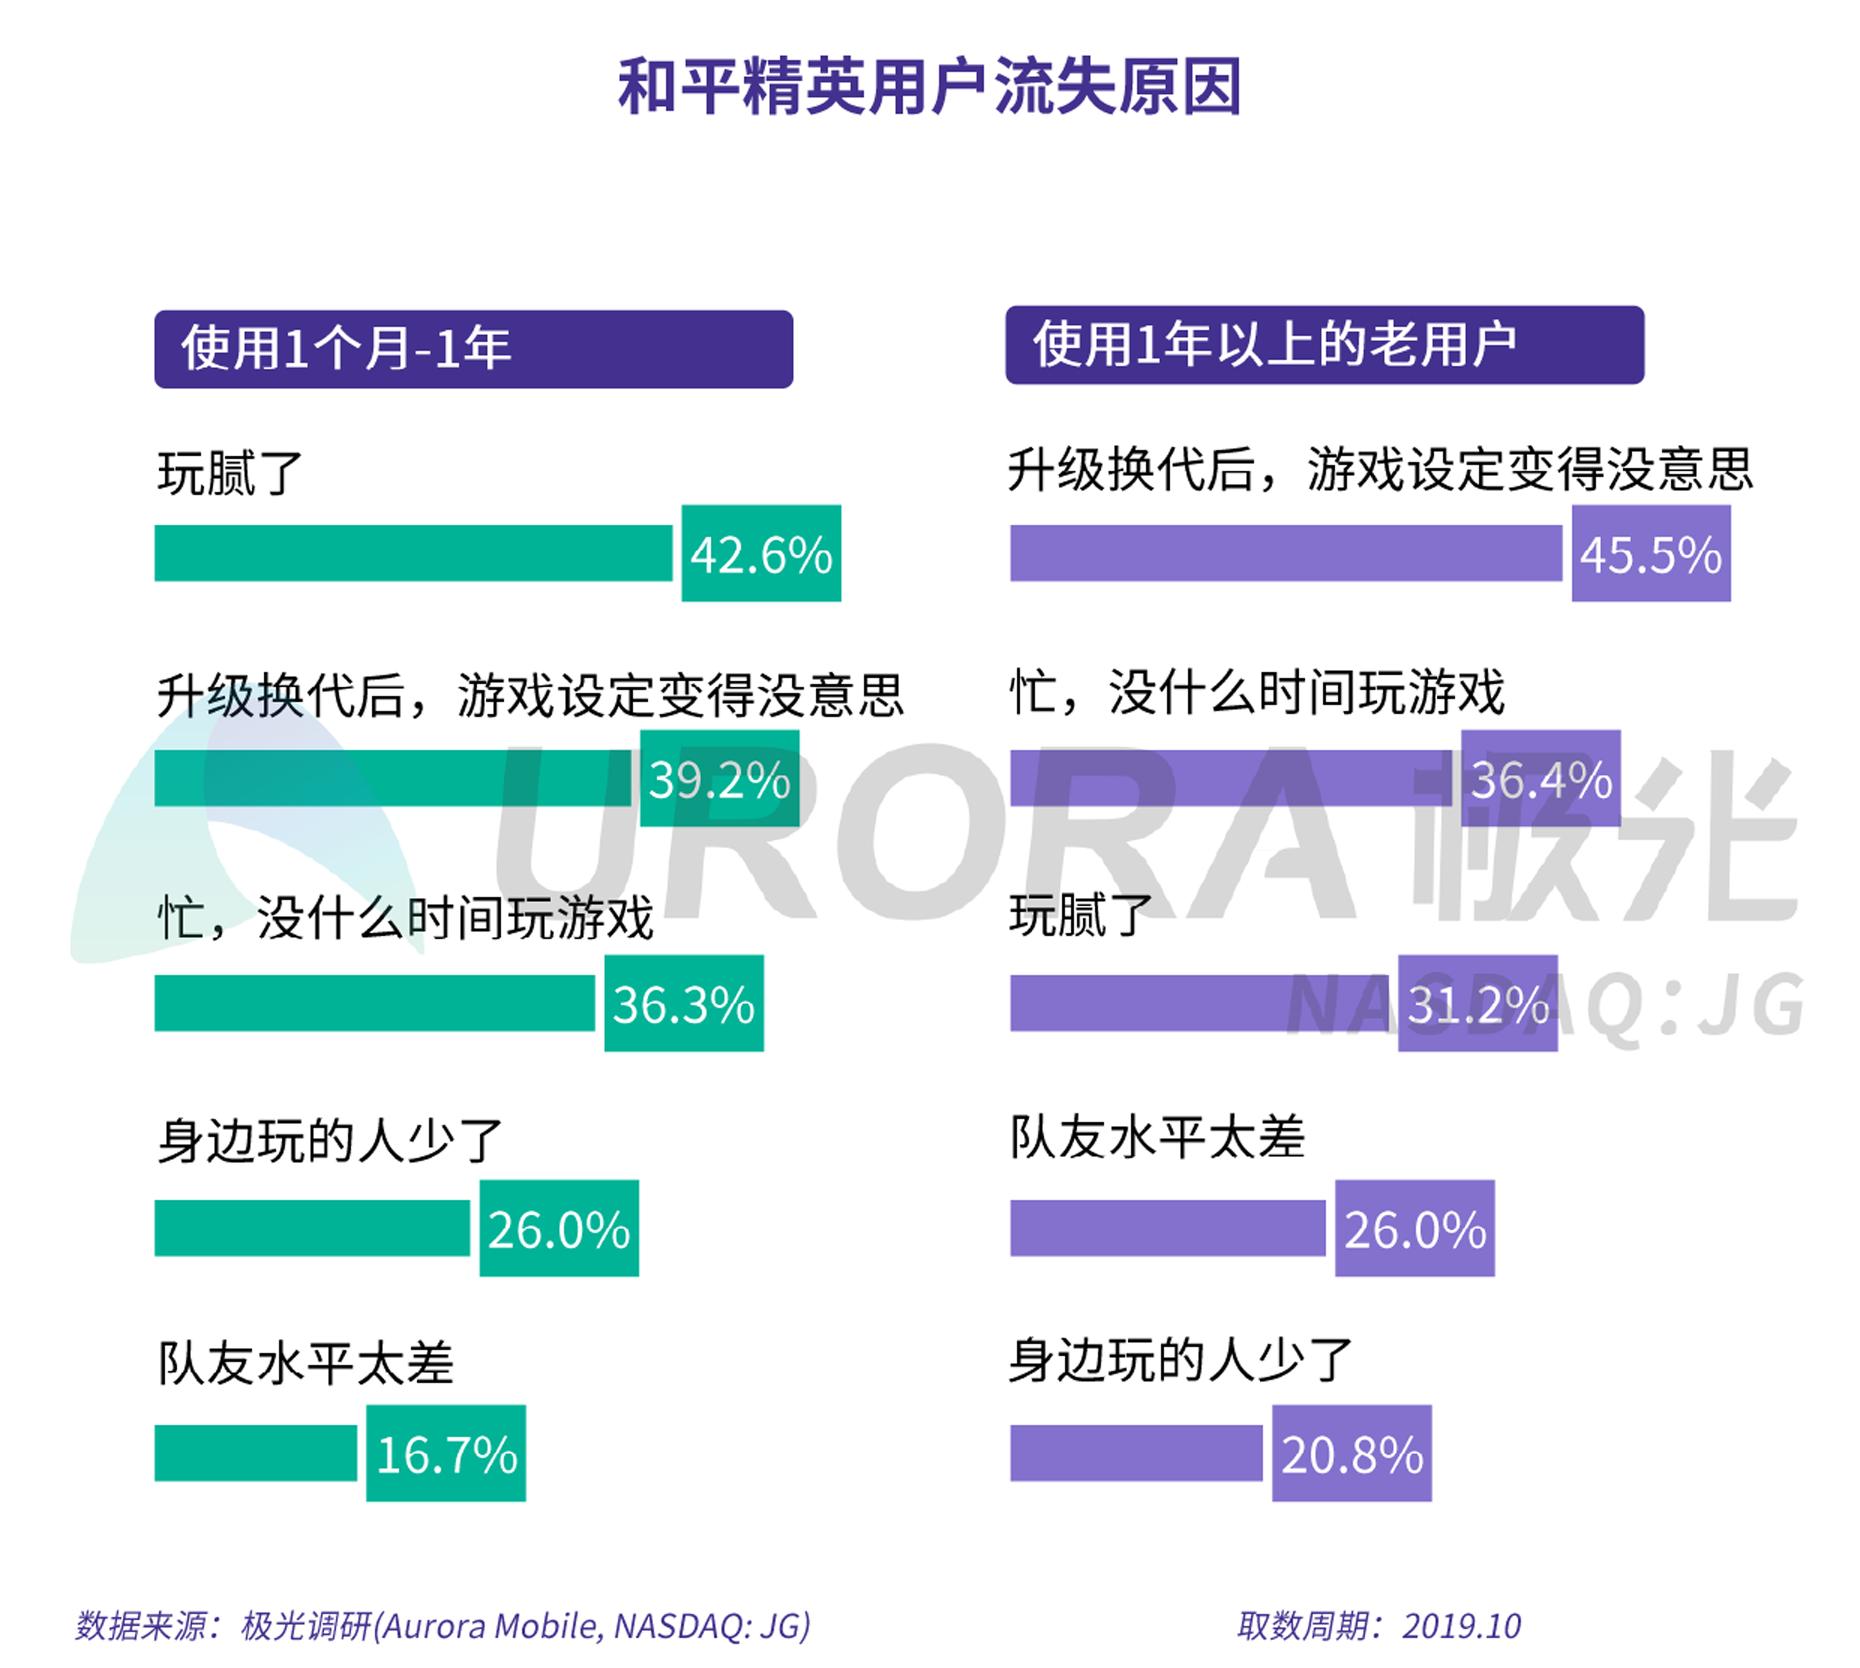 手机游戏流失用户研究报告——以王者荣耀和和平精英为例-审核版-15.png